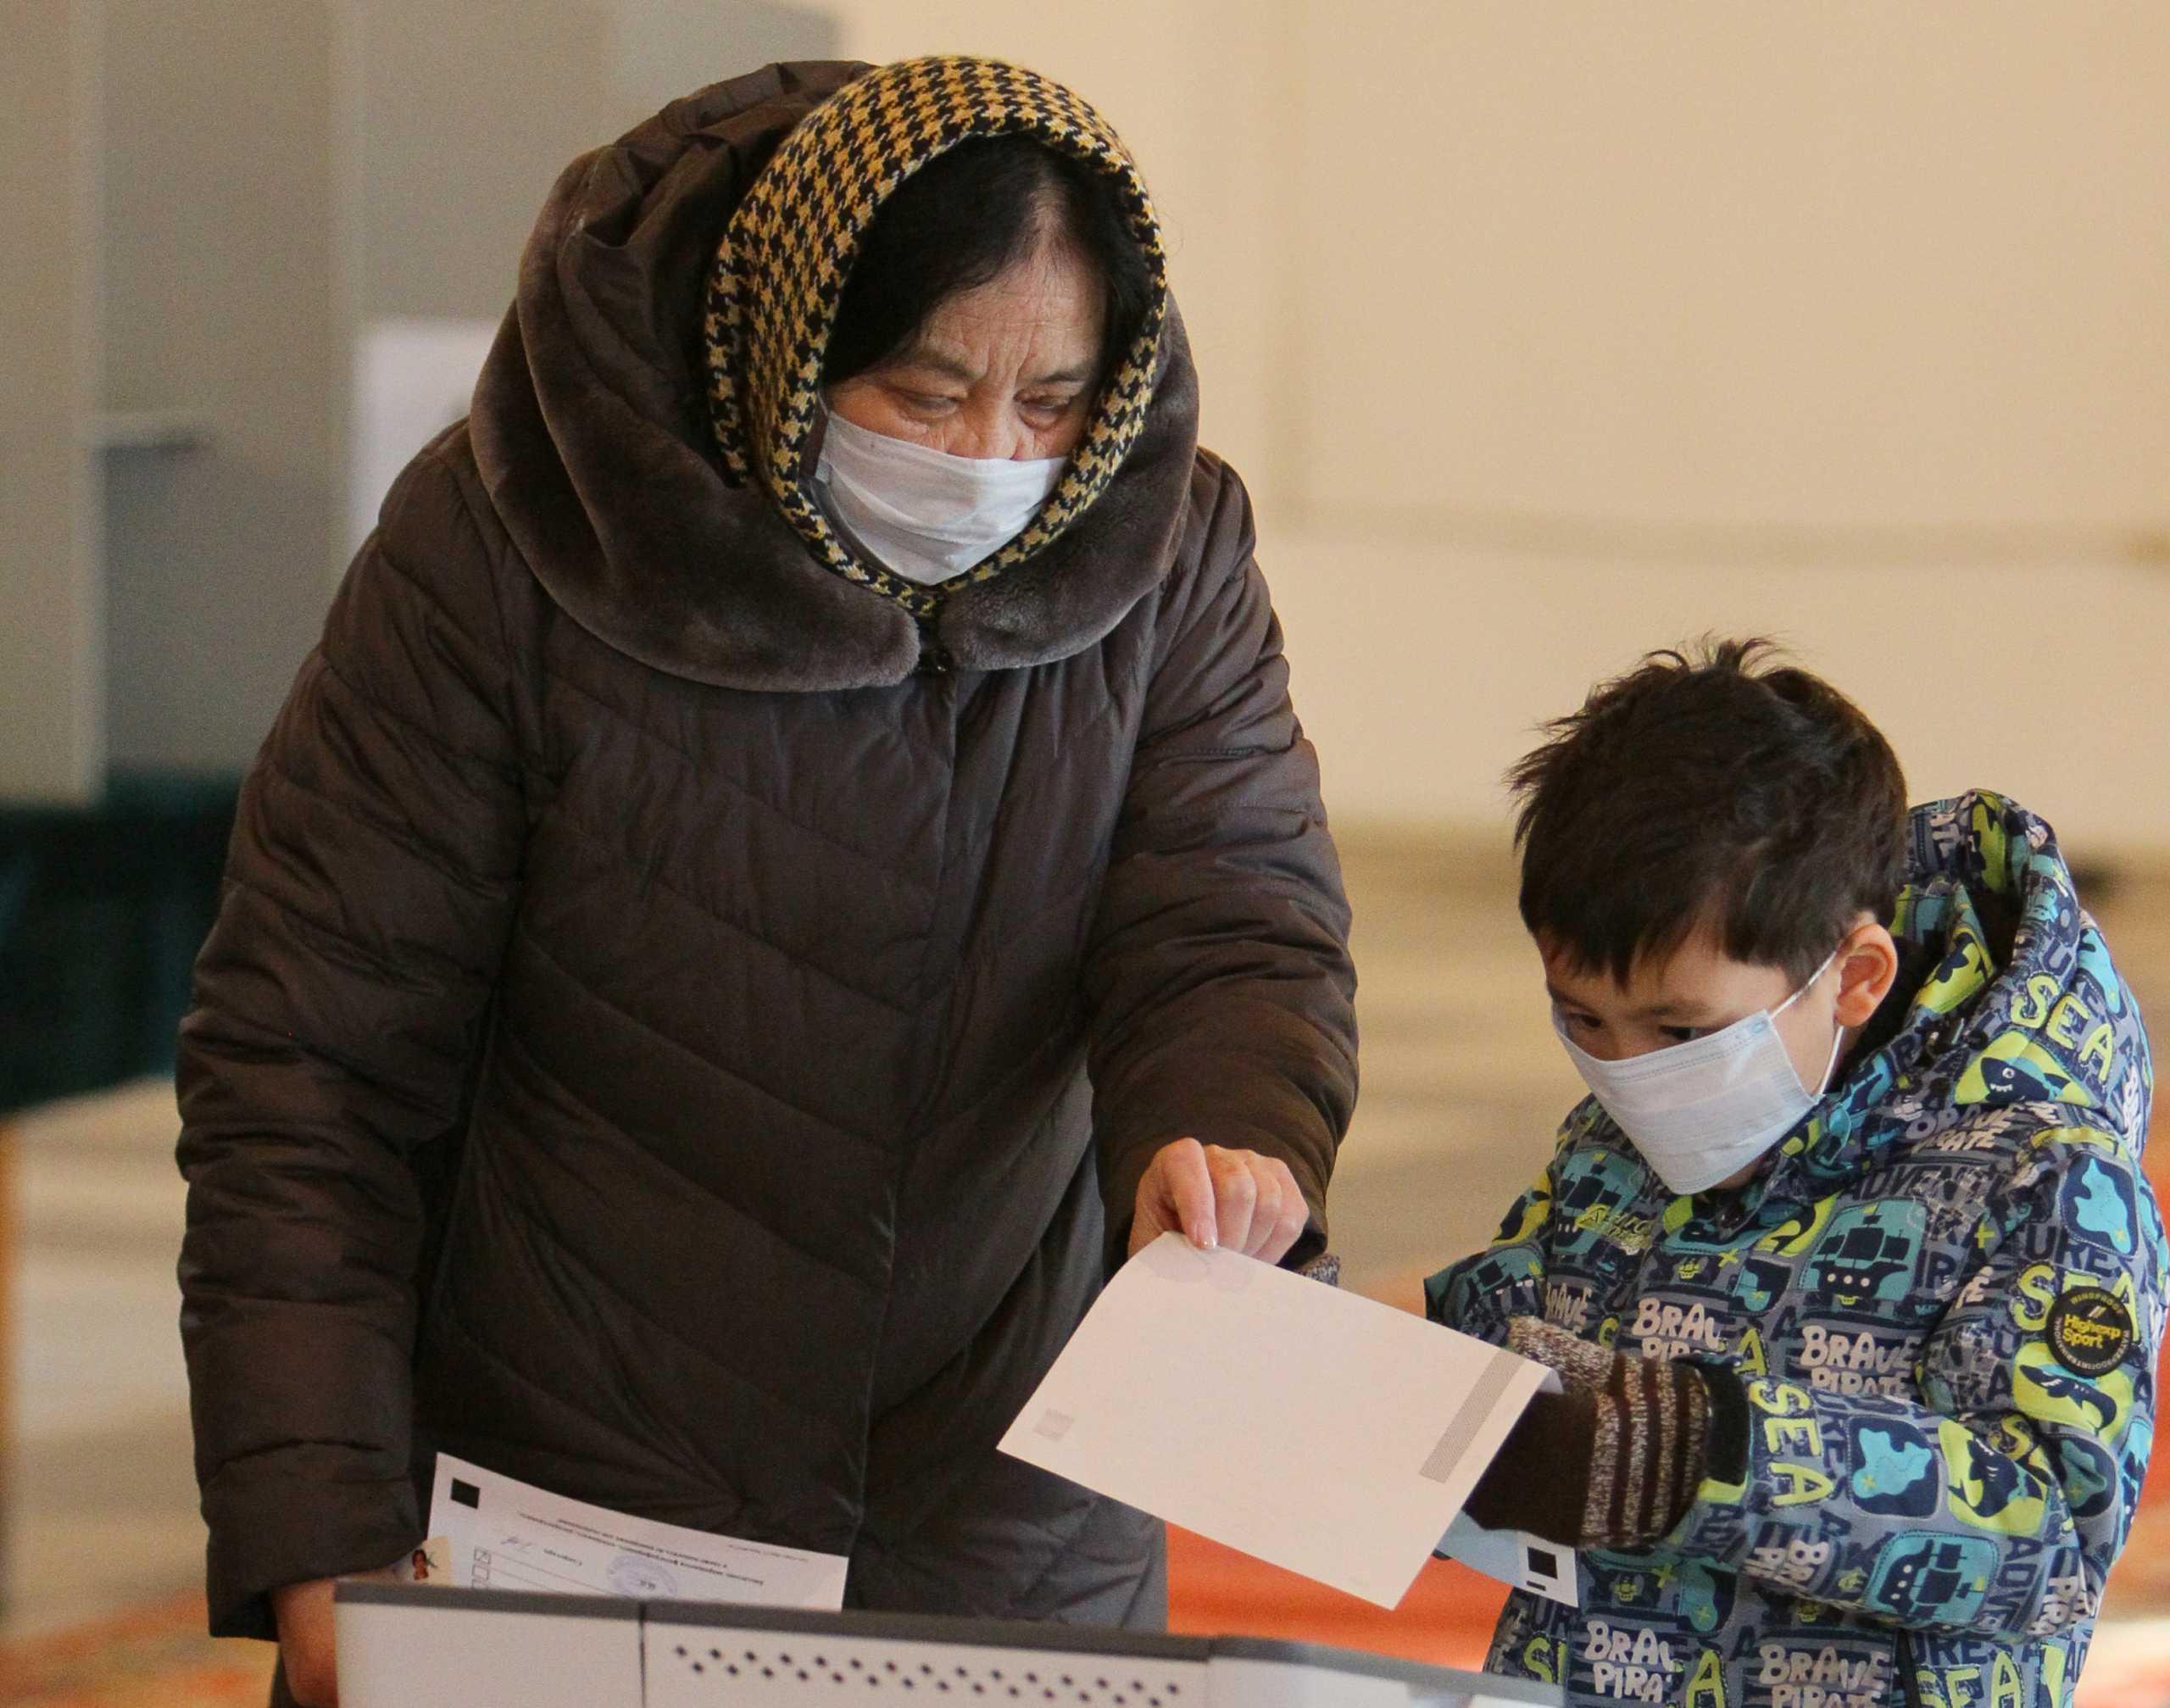 Κιργιστάν: Ο εθνικιστής Τζαπάροφ προηγείται με ποσοστό άνω του 80% στις προεδρικές εκλογές